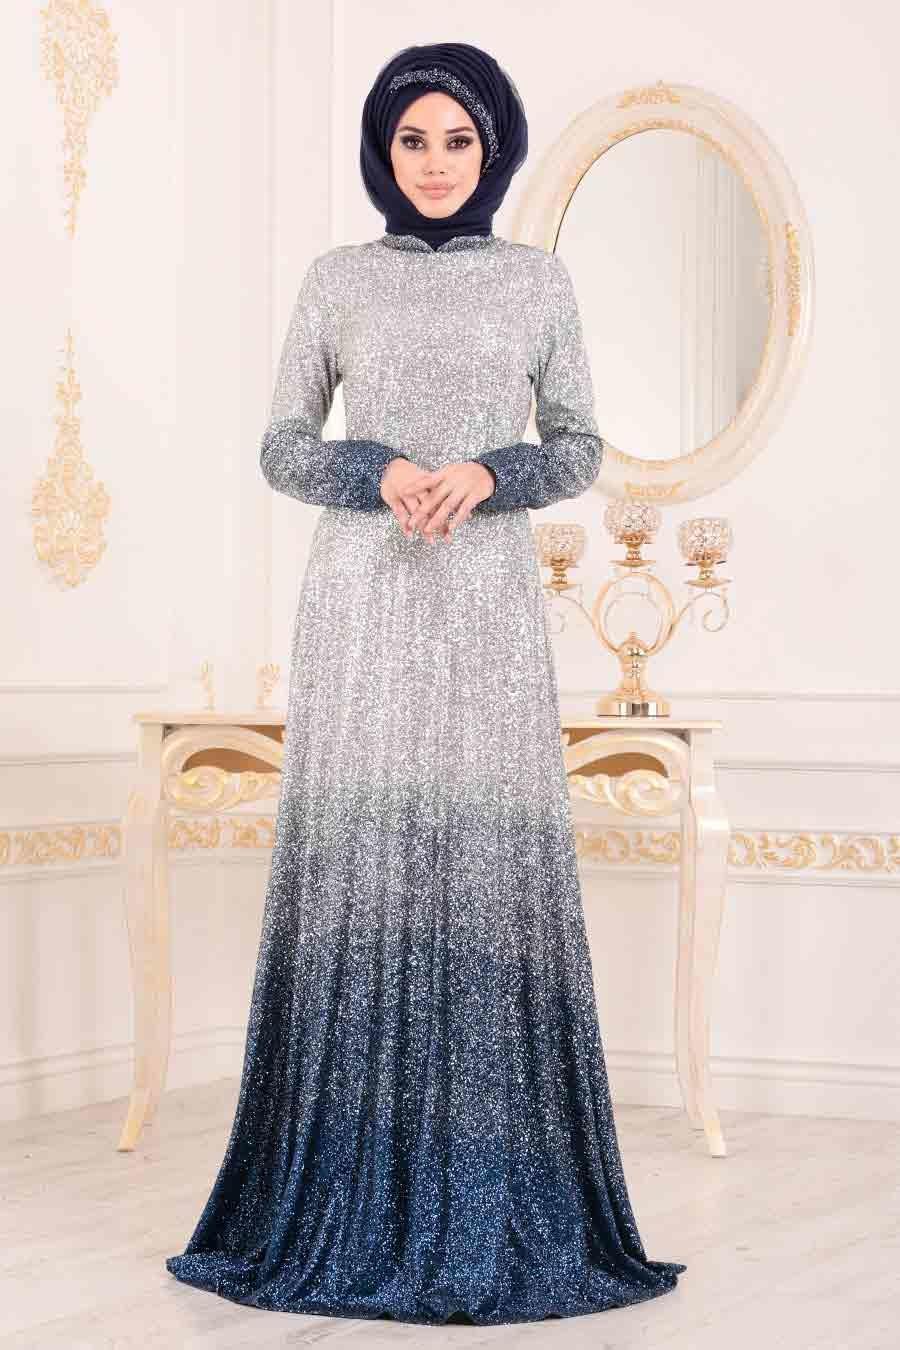 Tesettürlü Abiye Elbise - Simli İndigo Mavisi Tesettür Abiye Elbise 8508IM